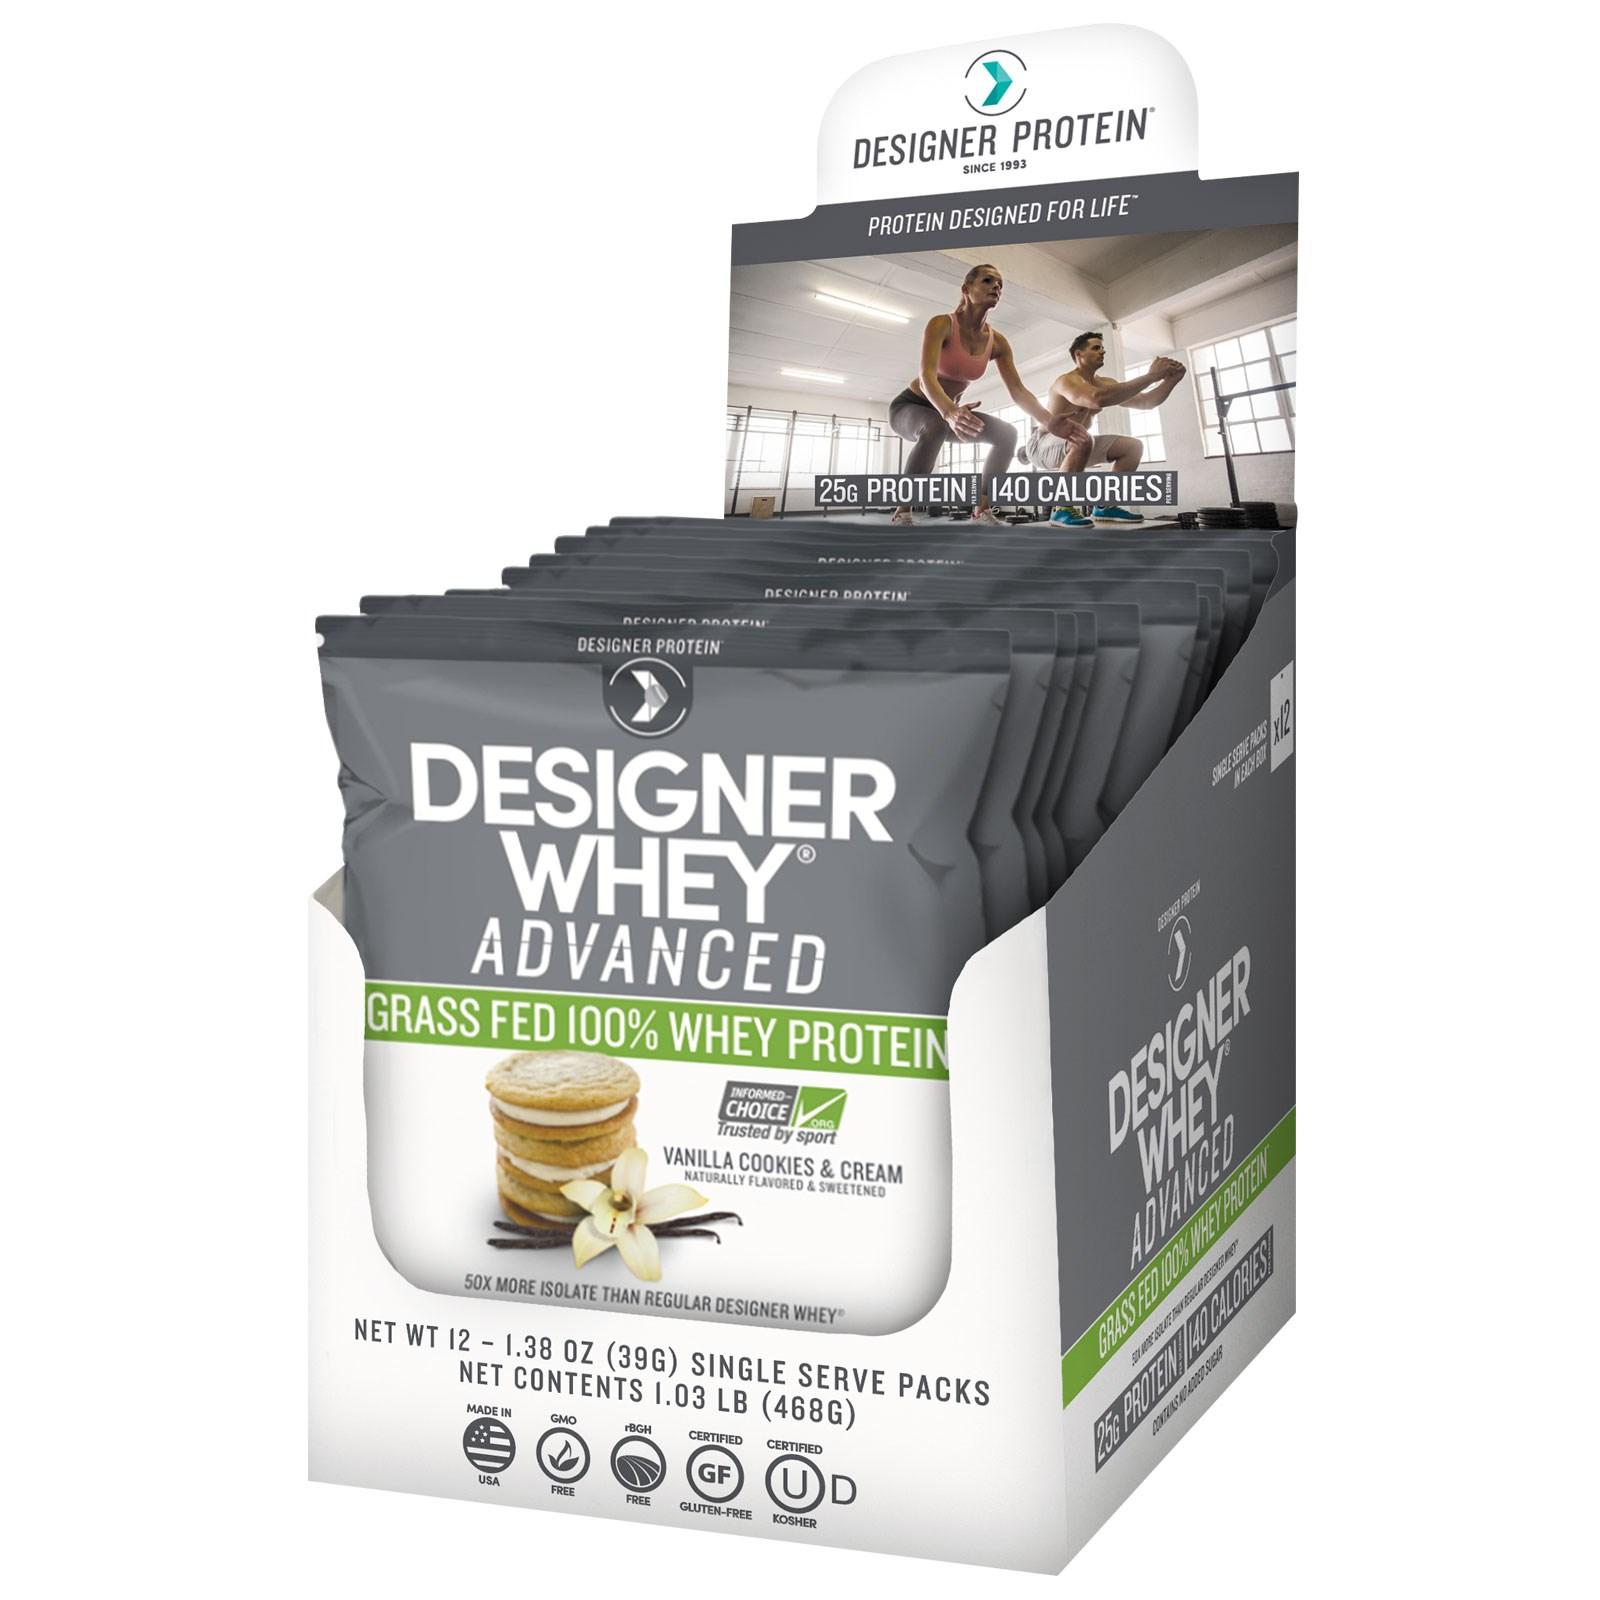 """Designer Protein, """"Дизайнерская сыворотка"""", улучшенный 100% сывороточный белок из молока коров, выкормленных на траве, со вкусом ванильного печенья с кремом, 12 пакетов по 1,38 унции (39 г)"""